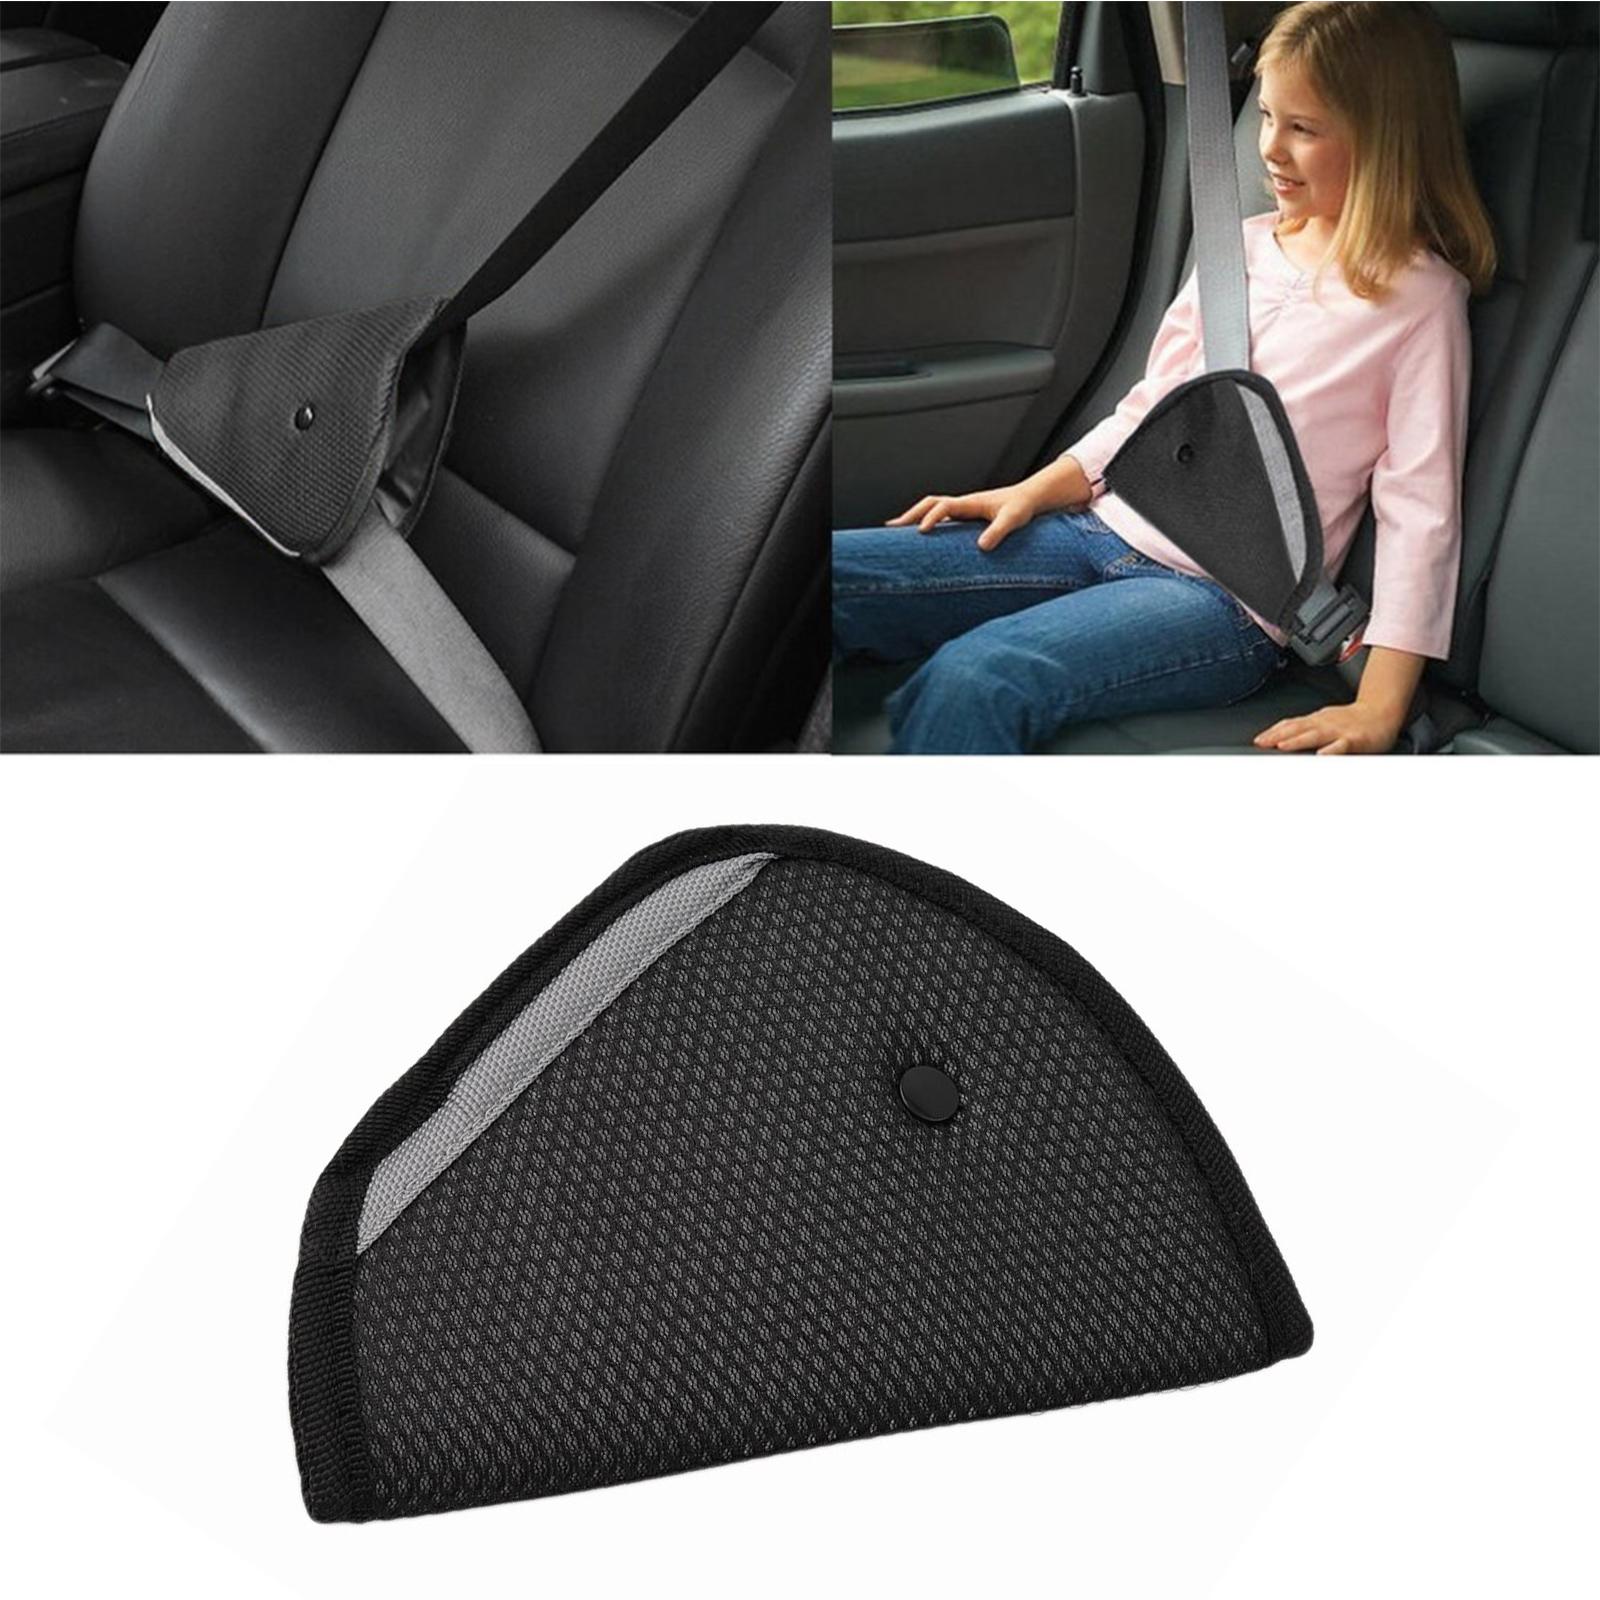 Black Triangle Baby Kid Car Safe Fit Seat Belt Adjuster Safety Harness